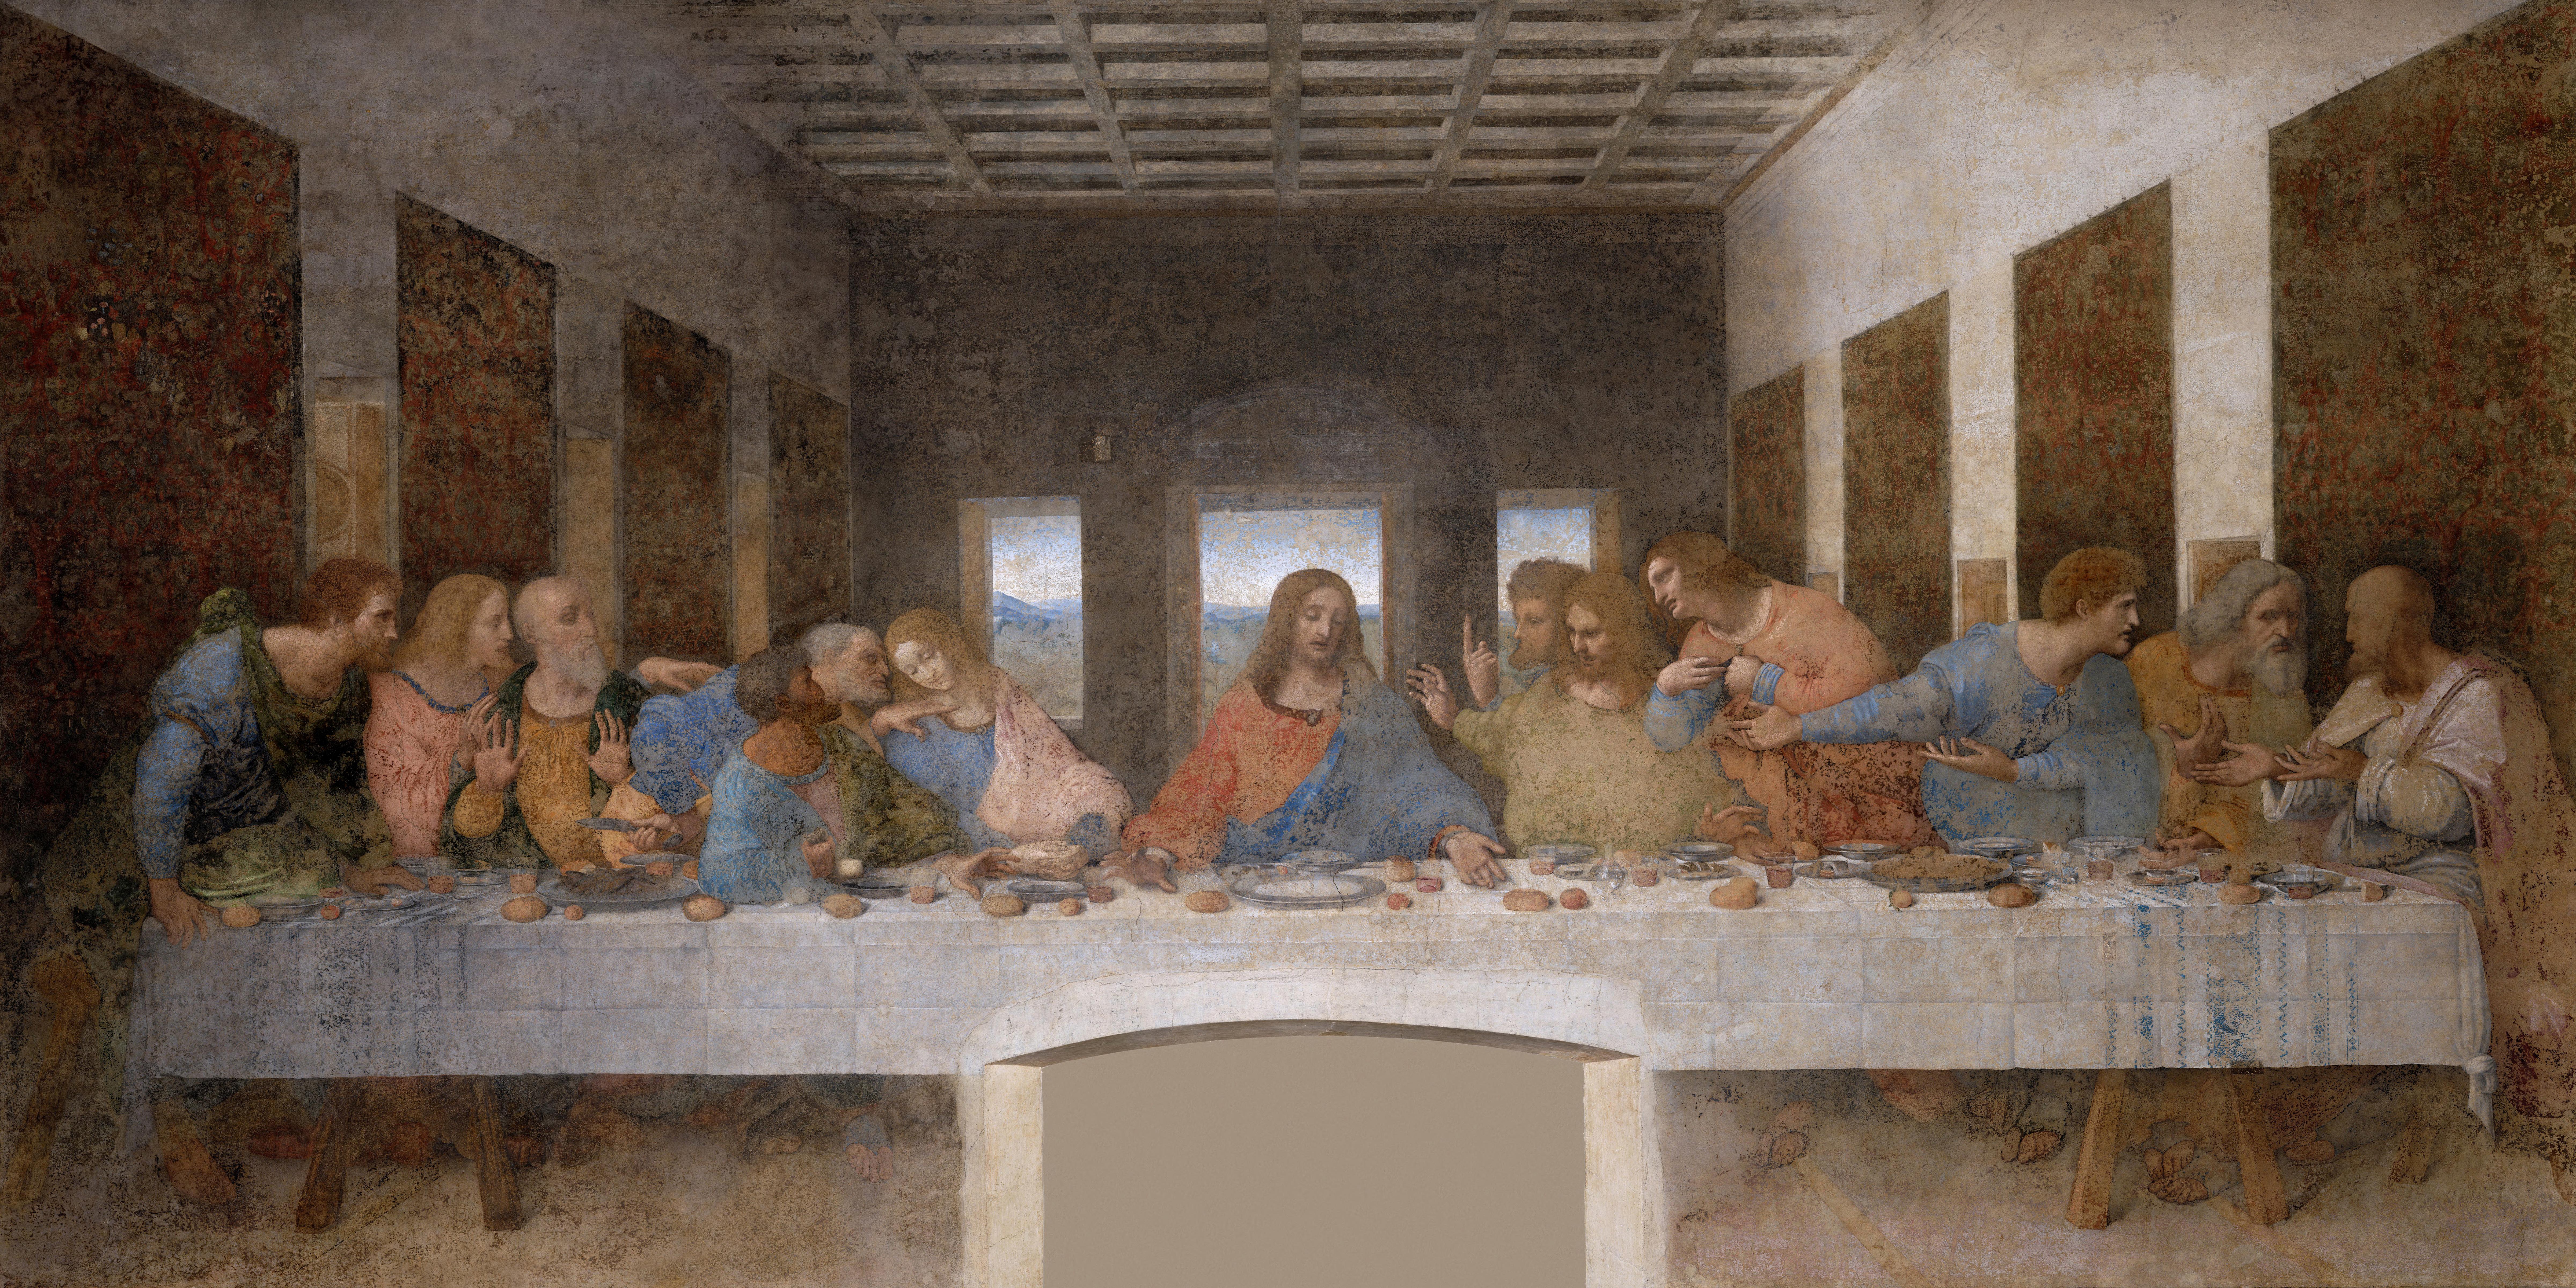 Leonardo da Vinci, The Last Supper, 1495–1498. Tempera on gesso, pitch and mastic. Santa Maria delle Grazie, Milan.